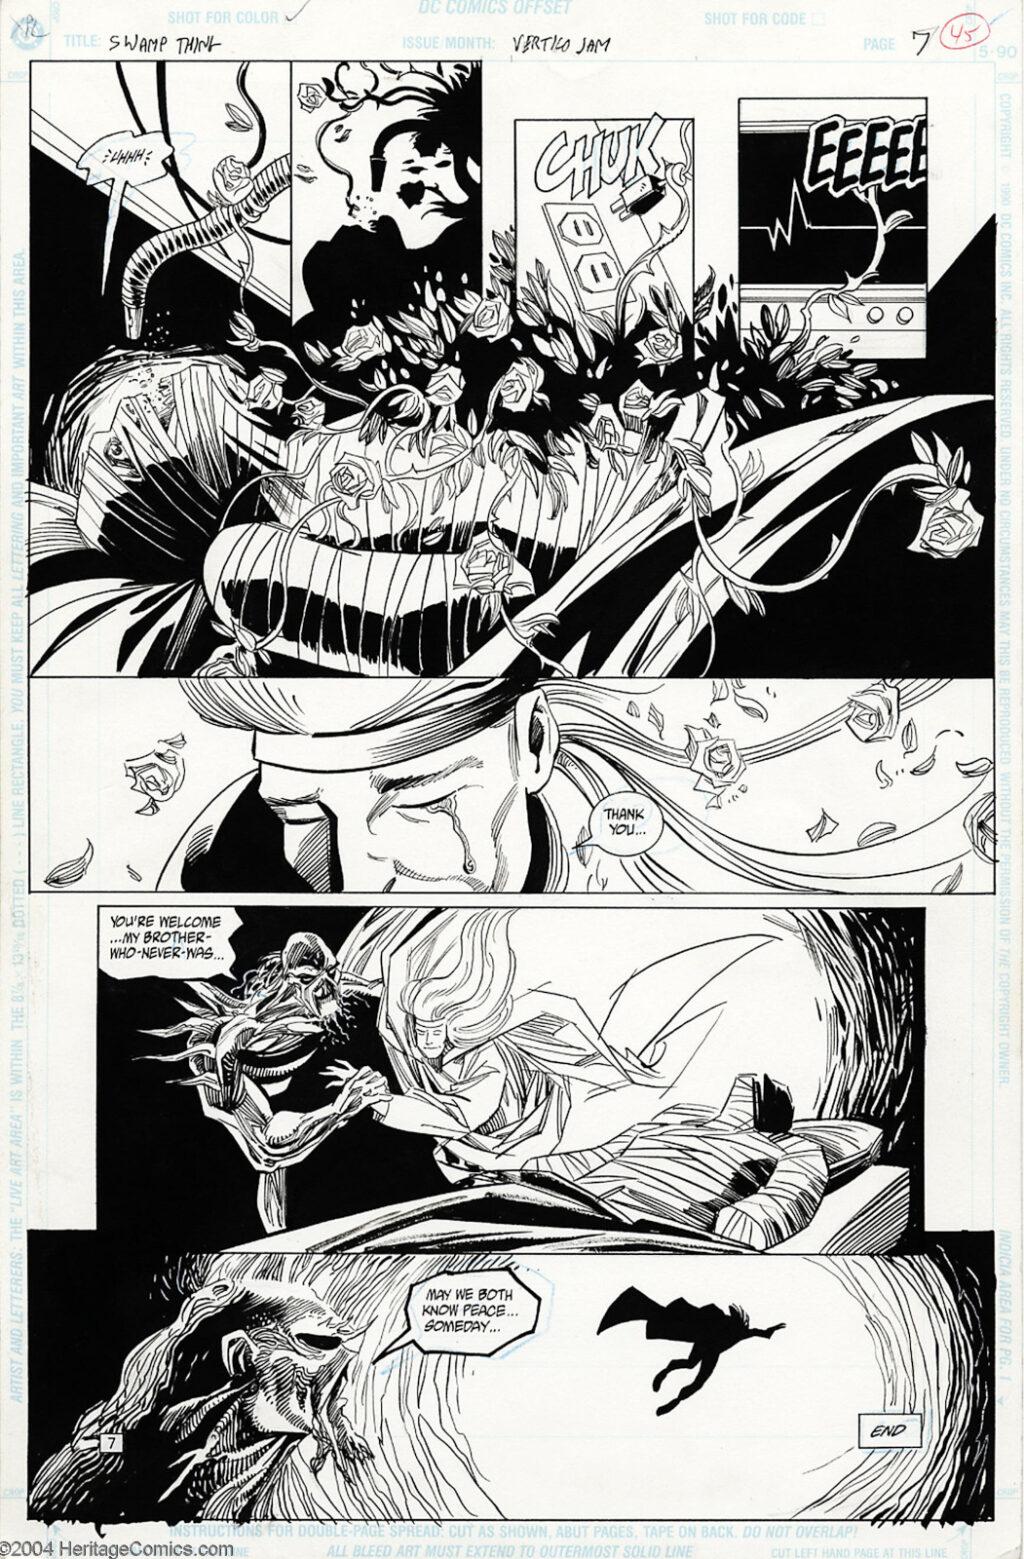 Vertigo Jam page 7 by Phil Hester and Kim DeMulder